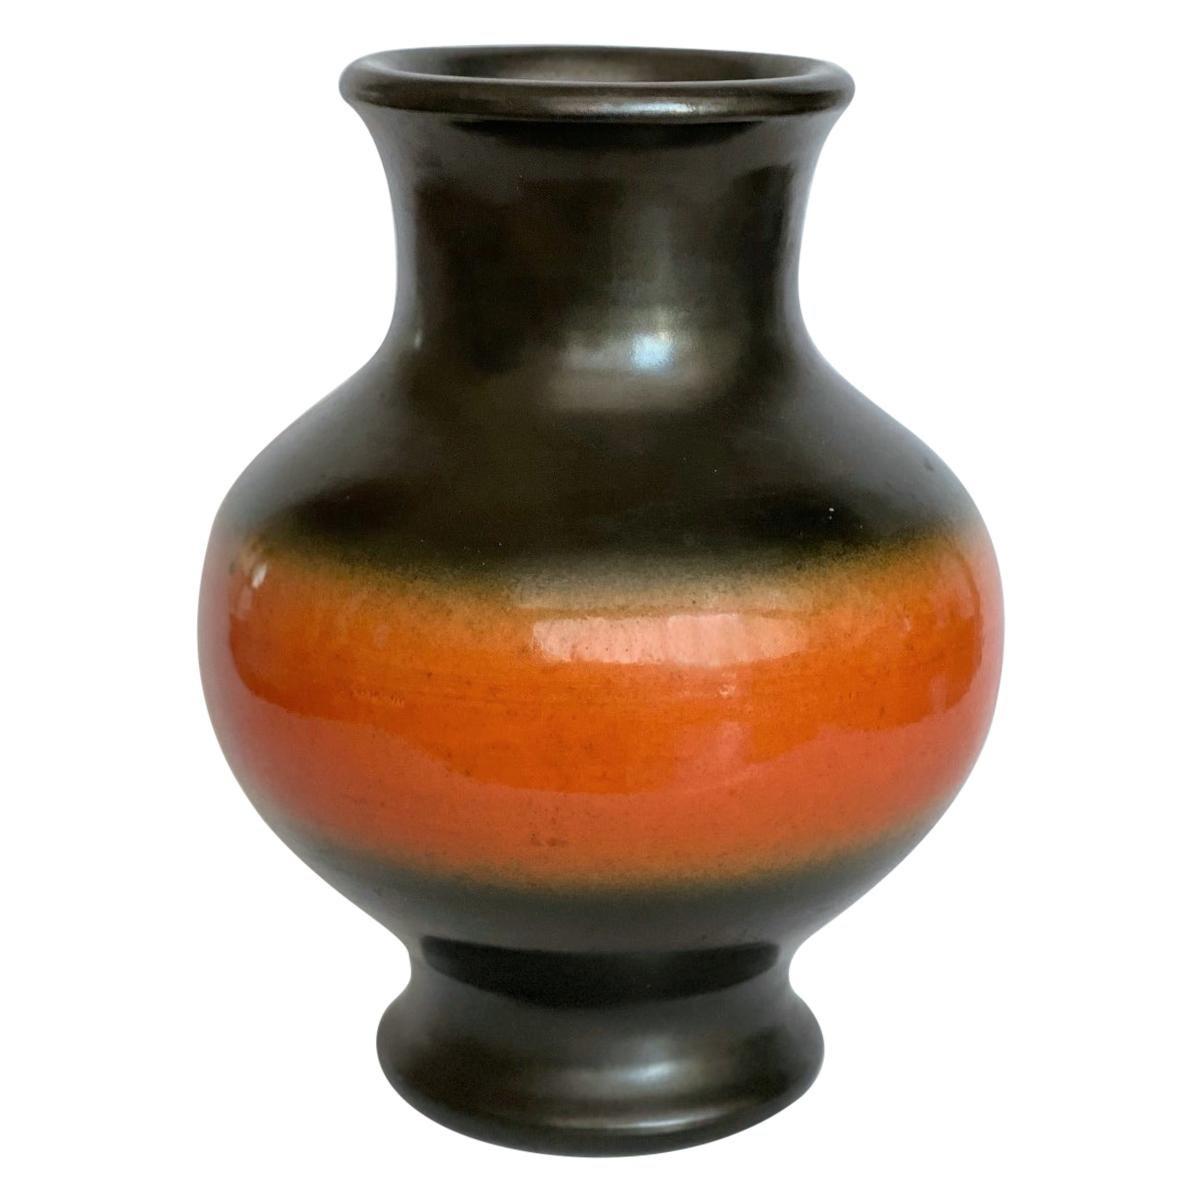 Pol Chambost Black & Orange Ceramic Vase, France 1950s